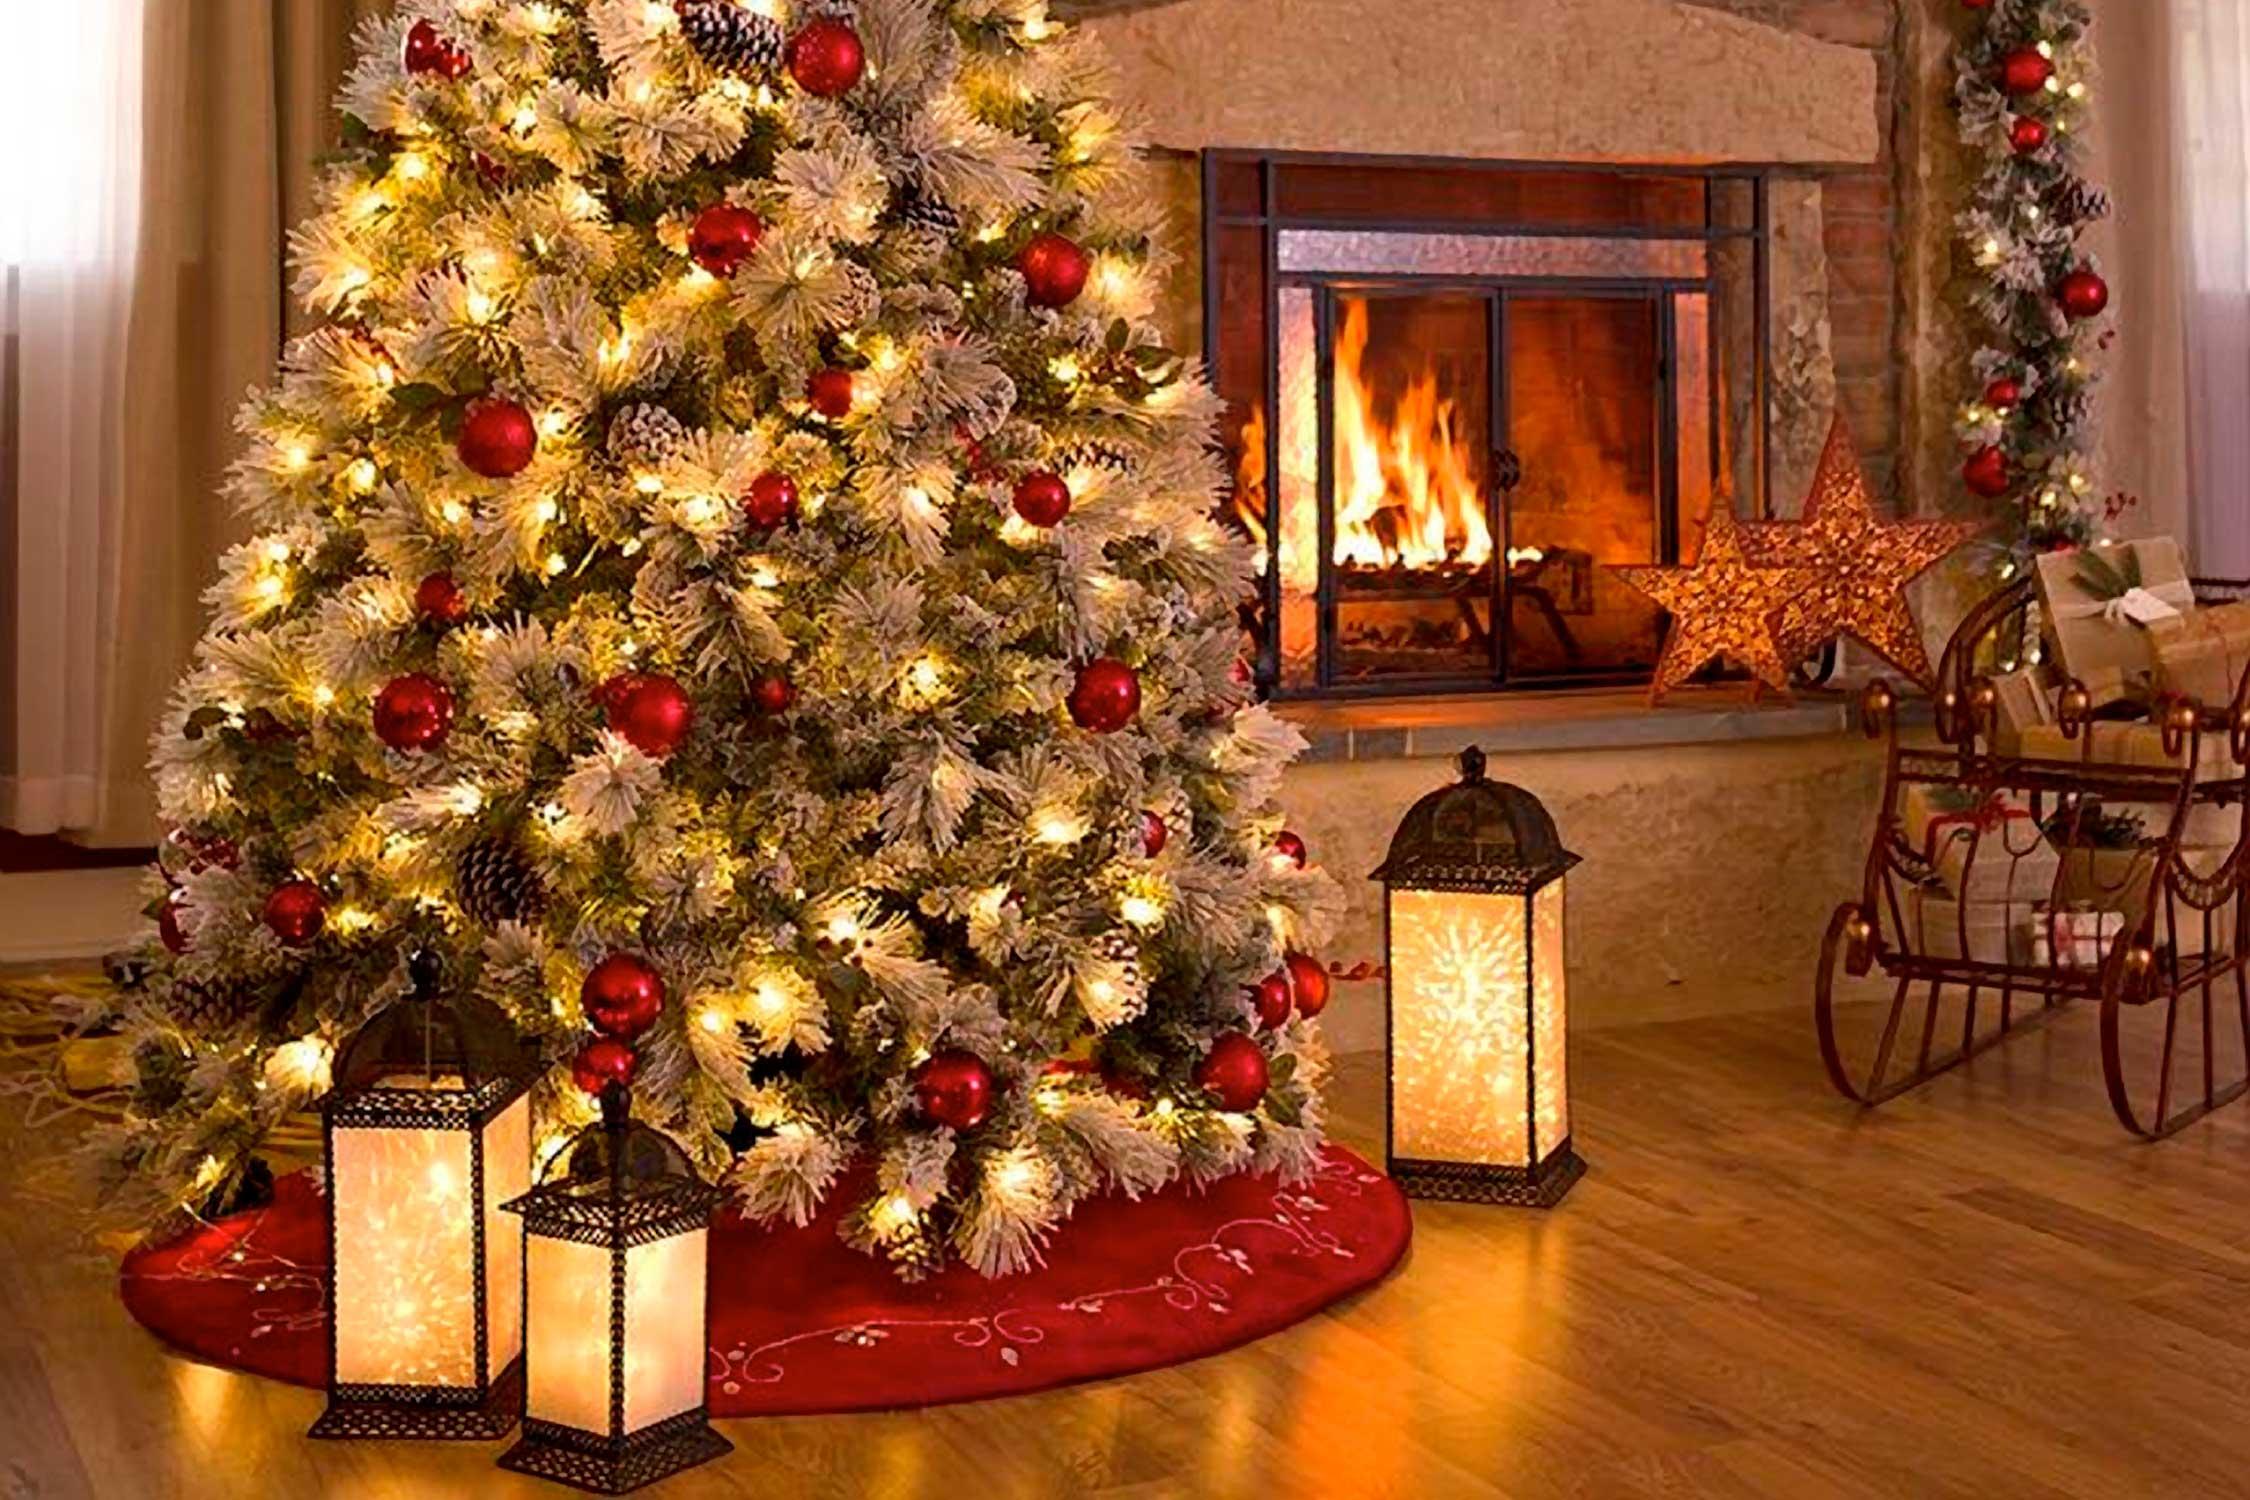 Yılbaşı Ağacı - Evde Yeni Yıl Hazırlıkları